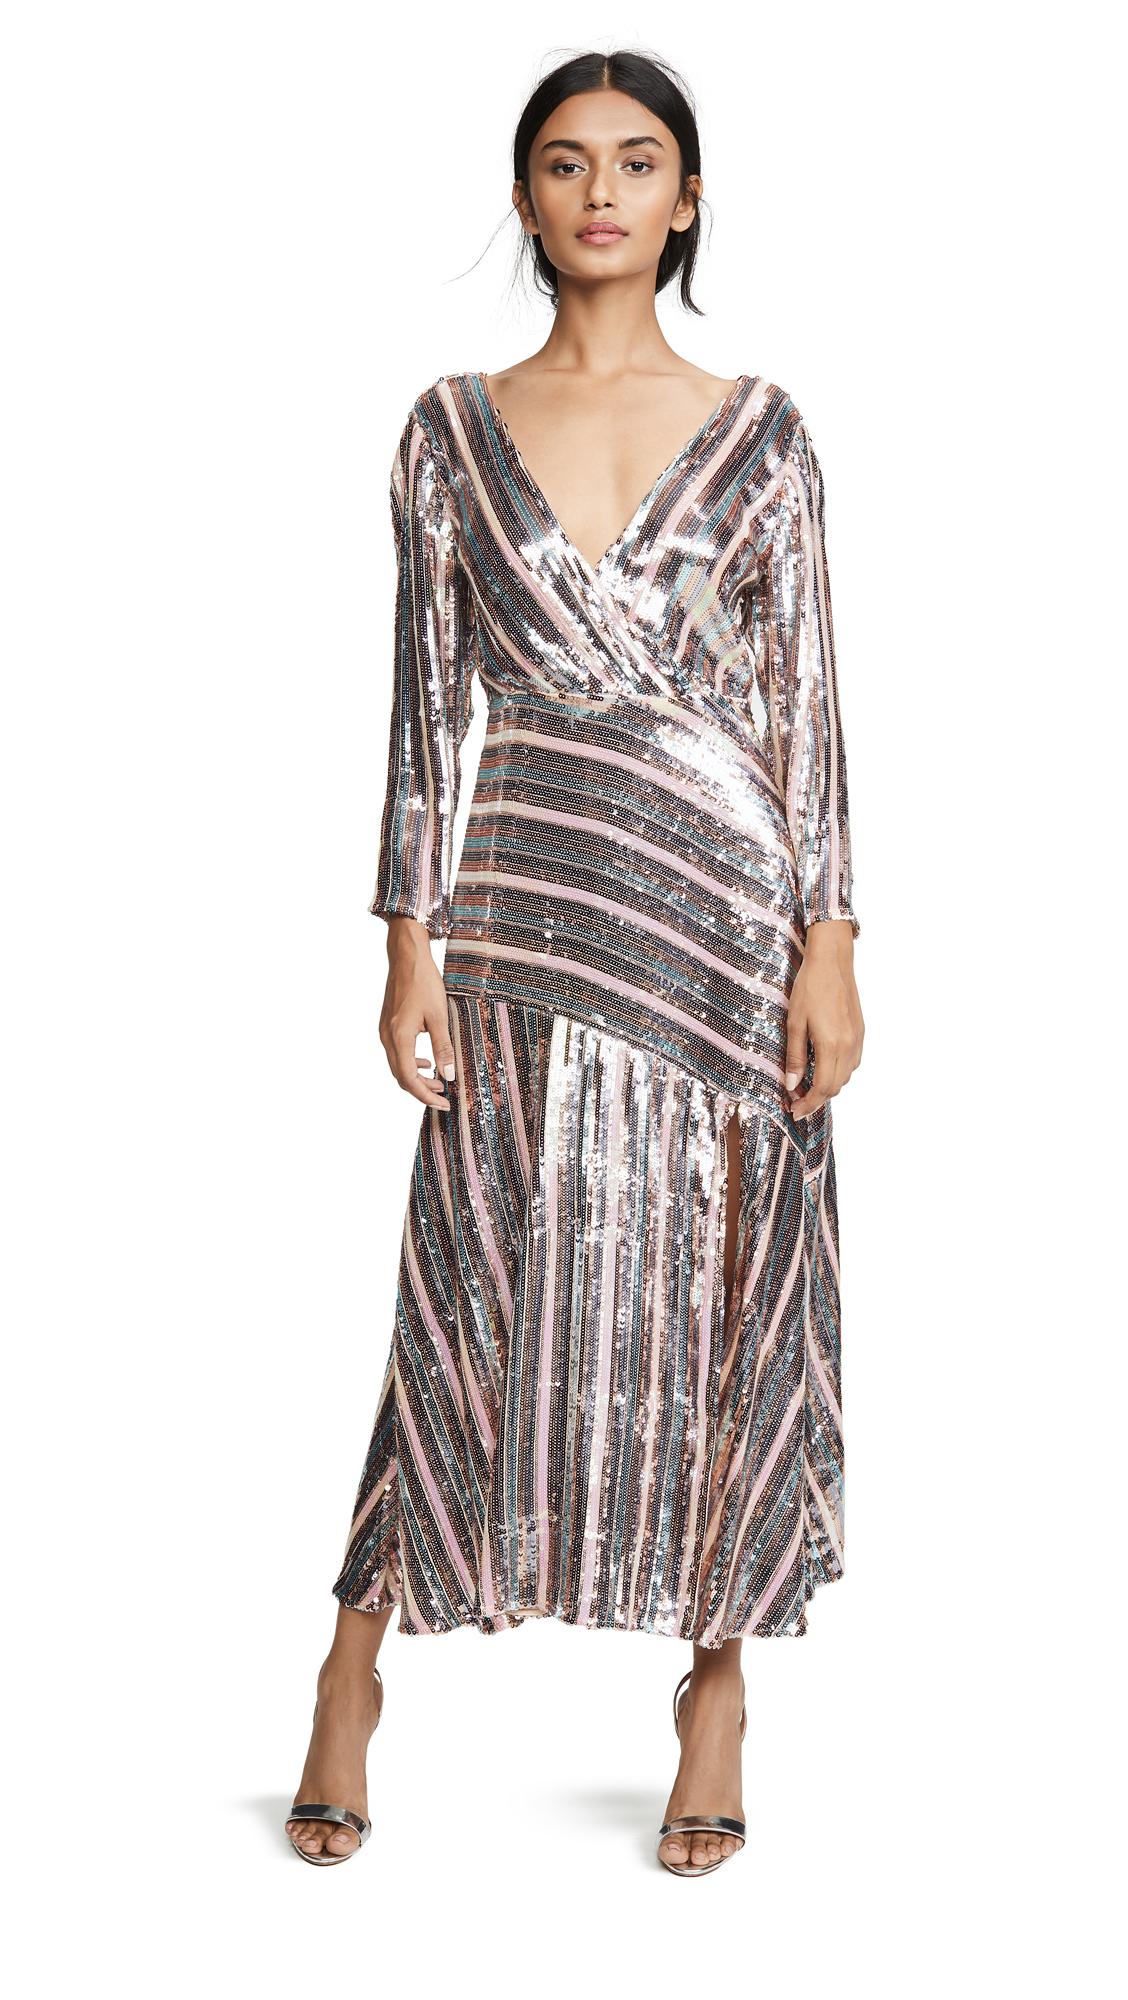 RIXO Tyra Dress - 60% Off Sale